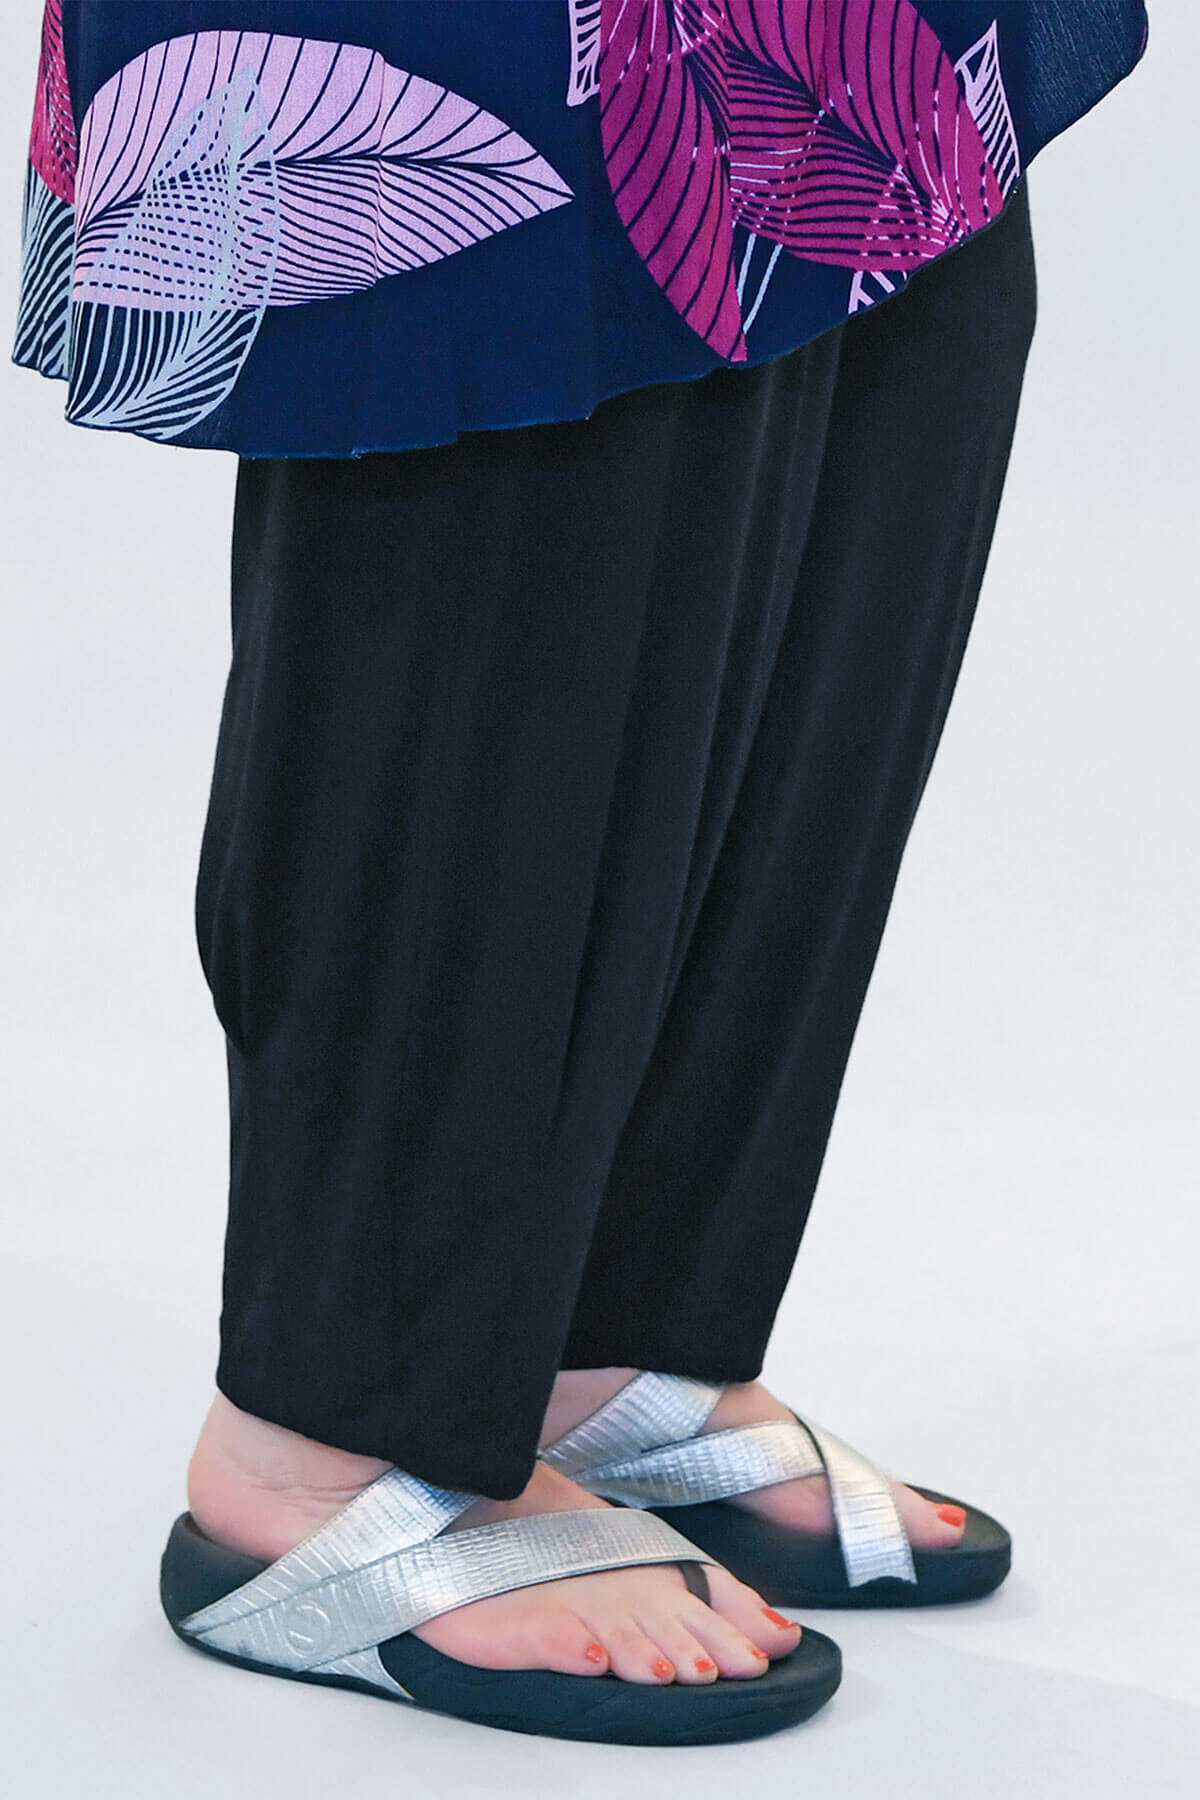 Q'neel harem trousers